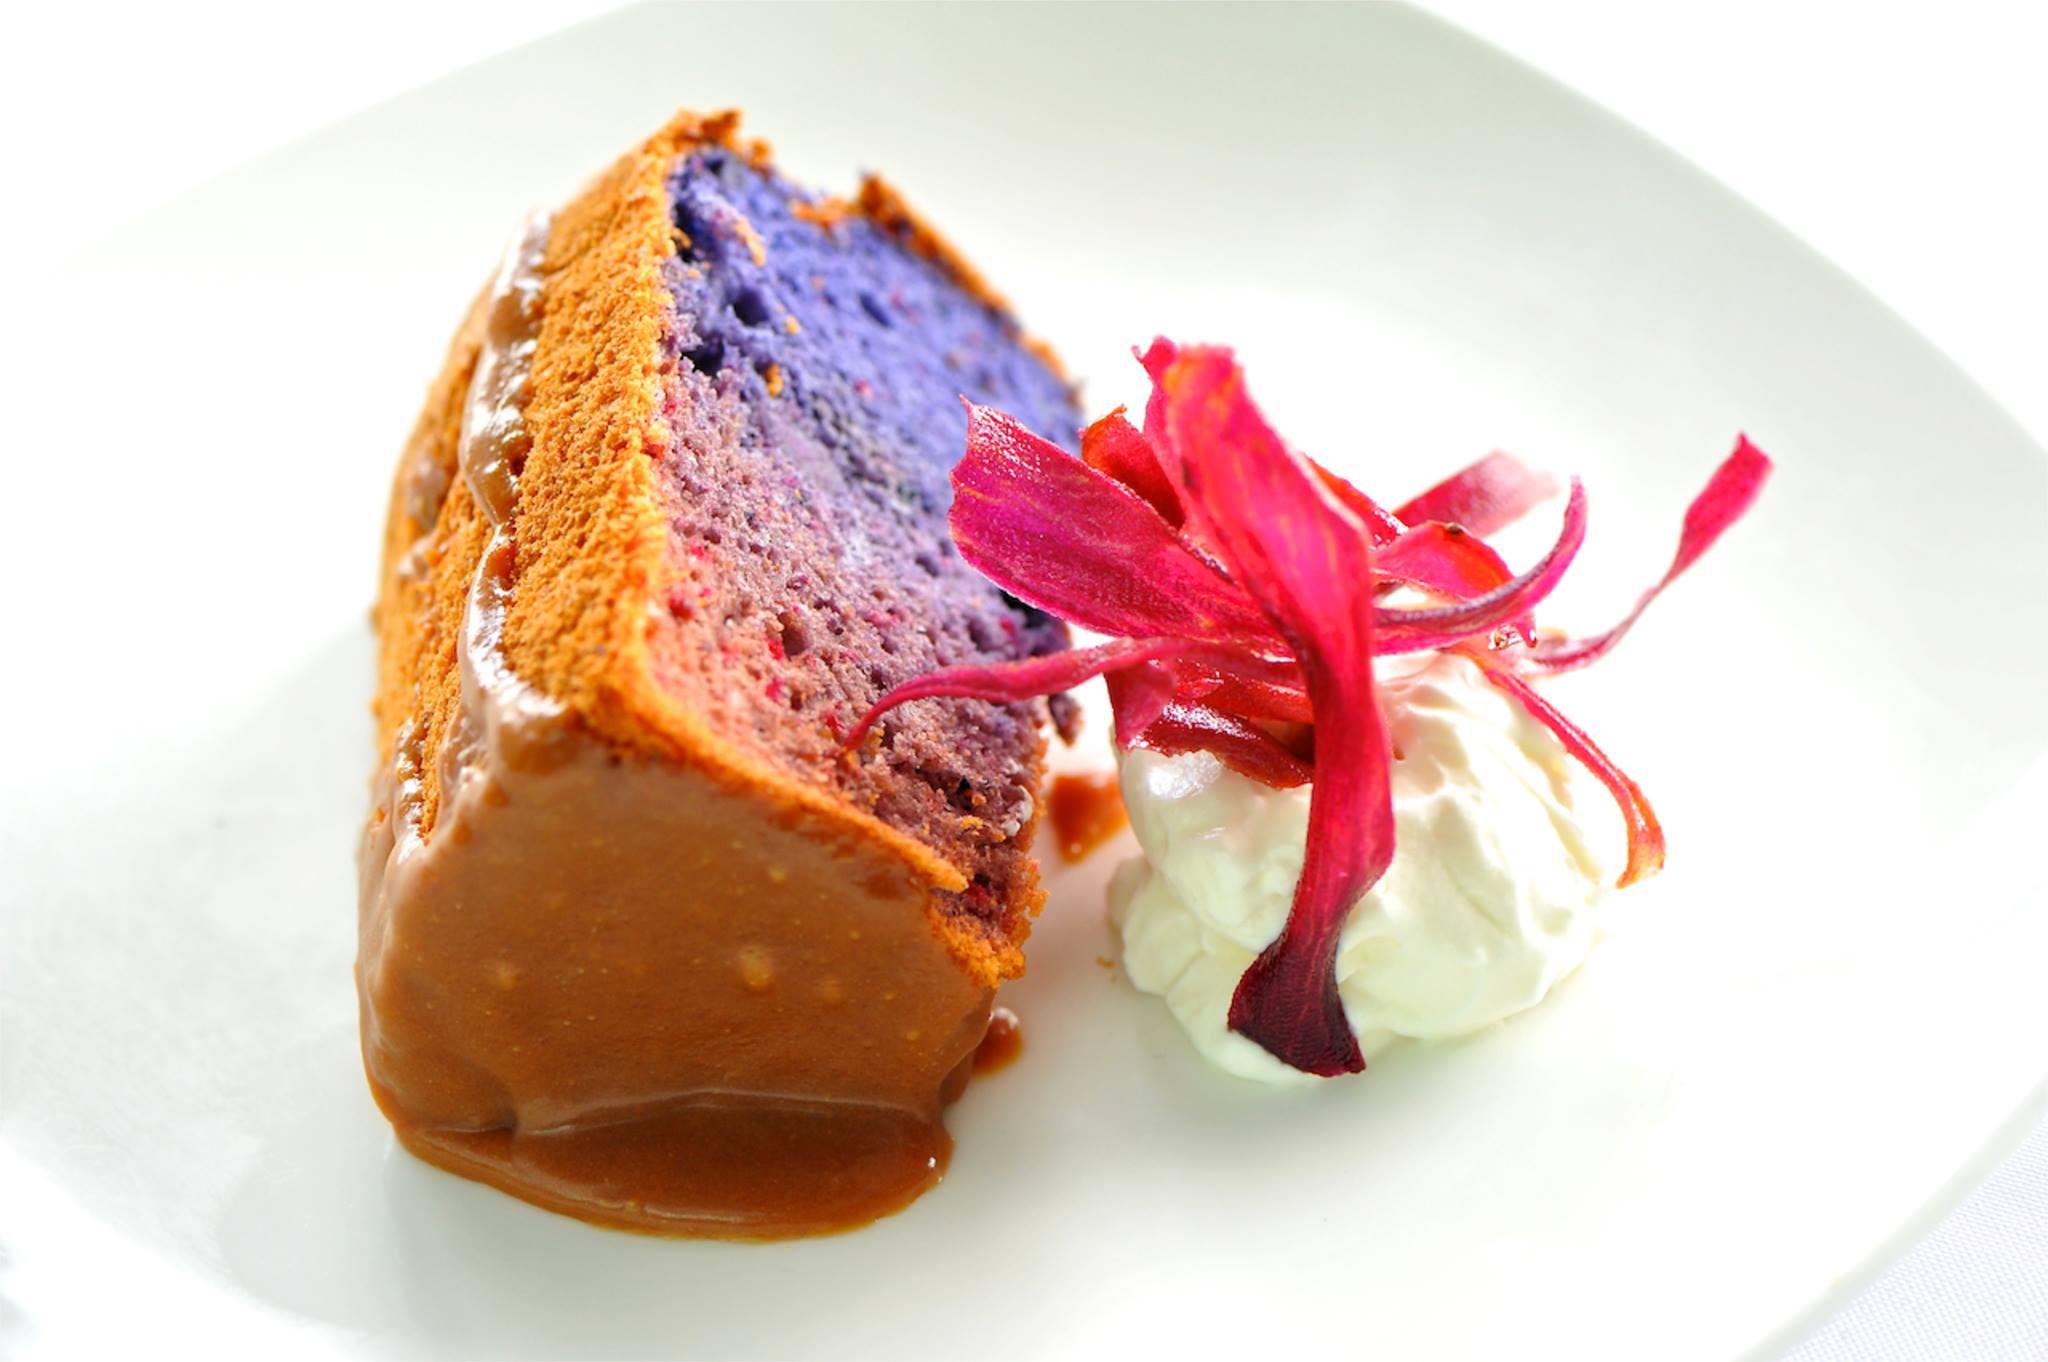 Japanese Sweet Potato Chiffon Cake